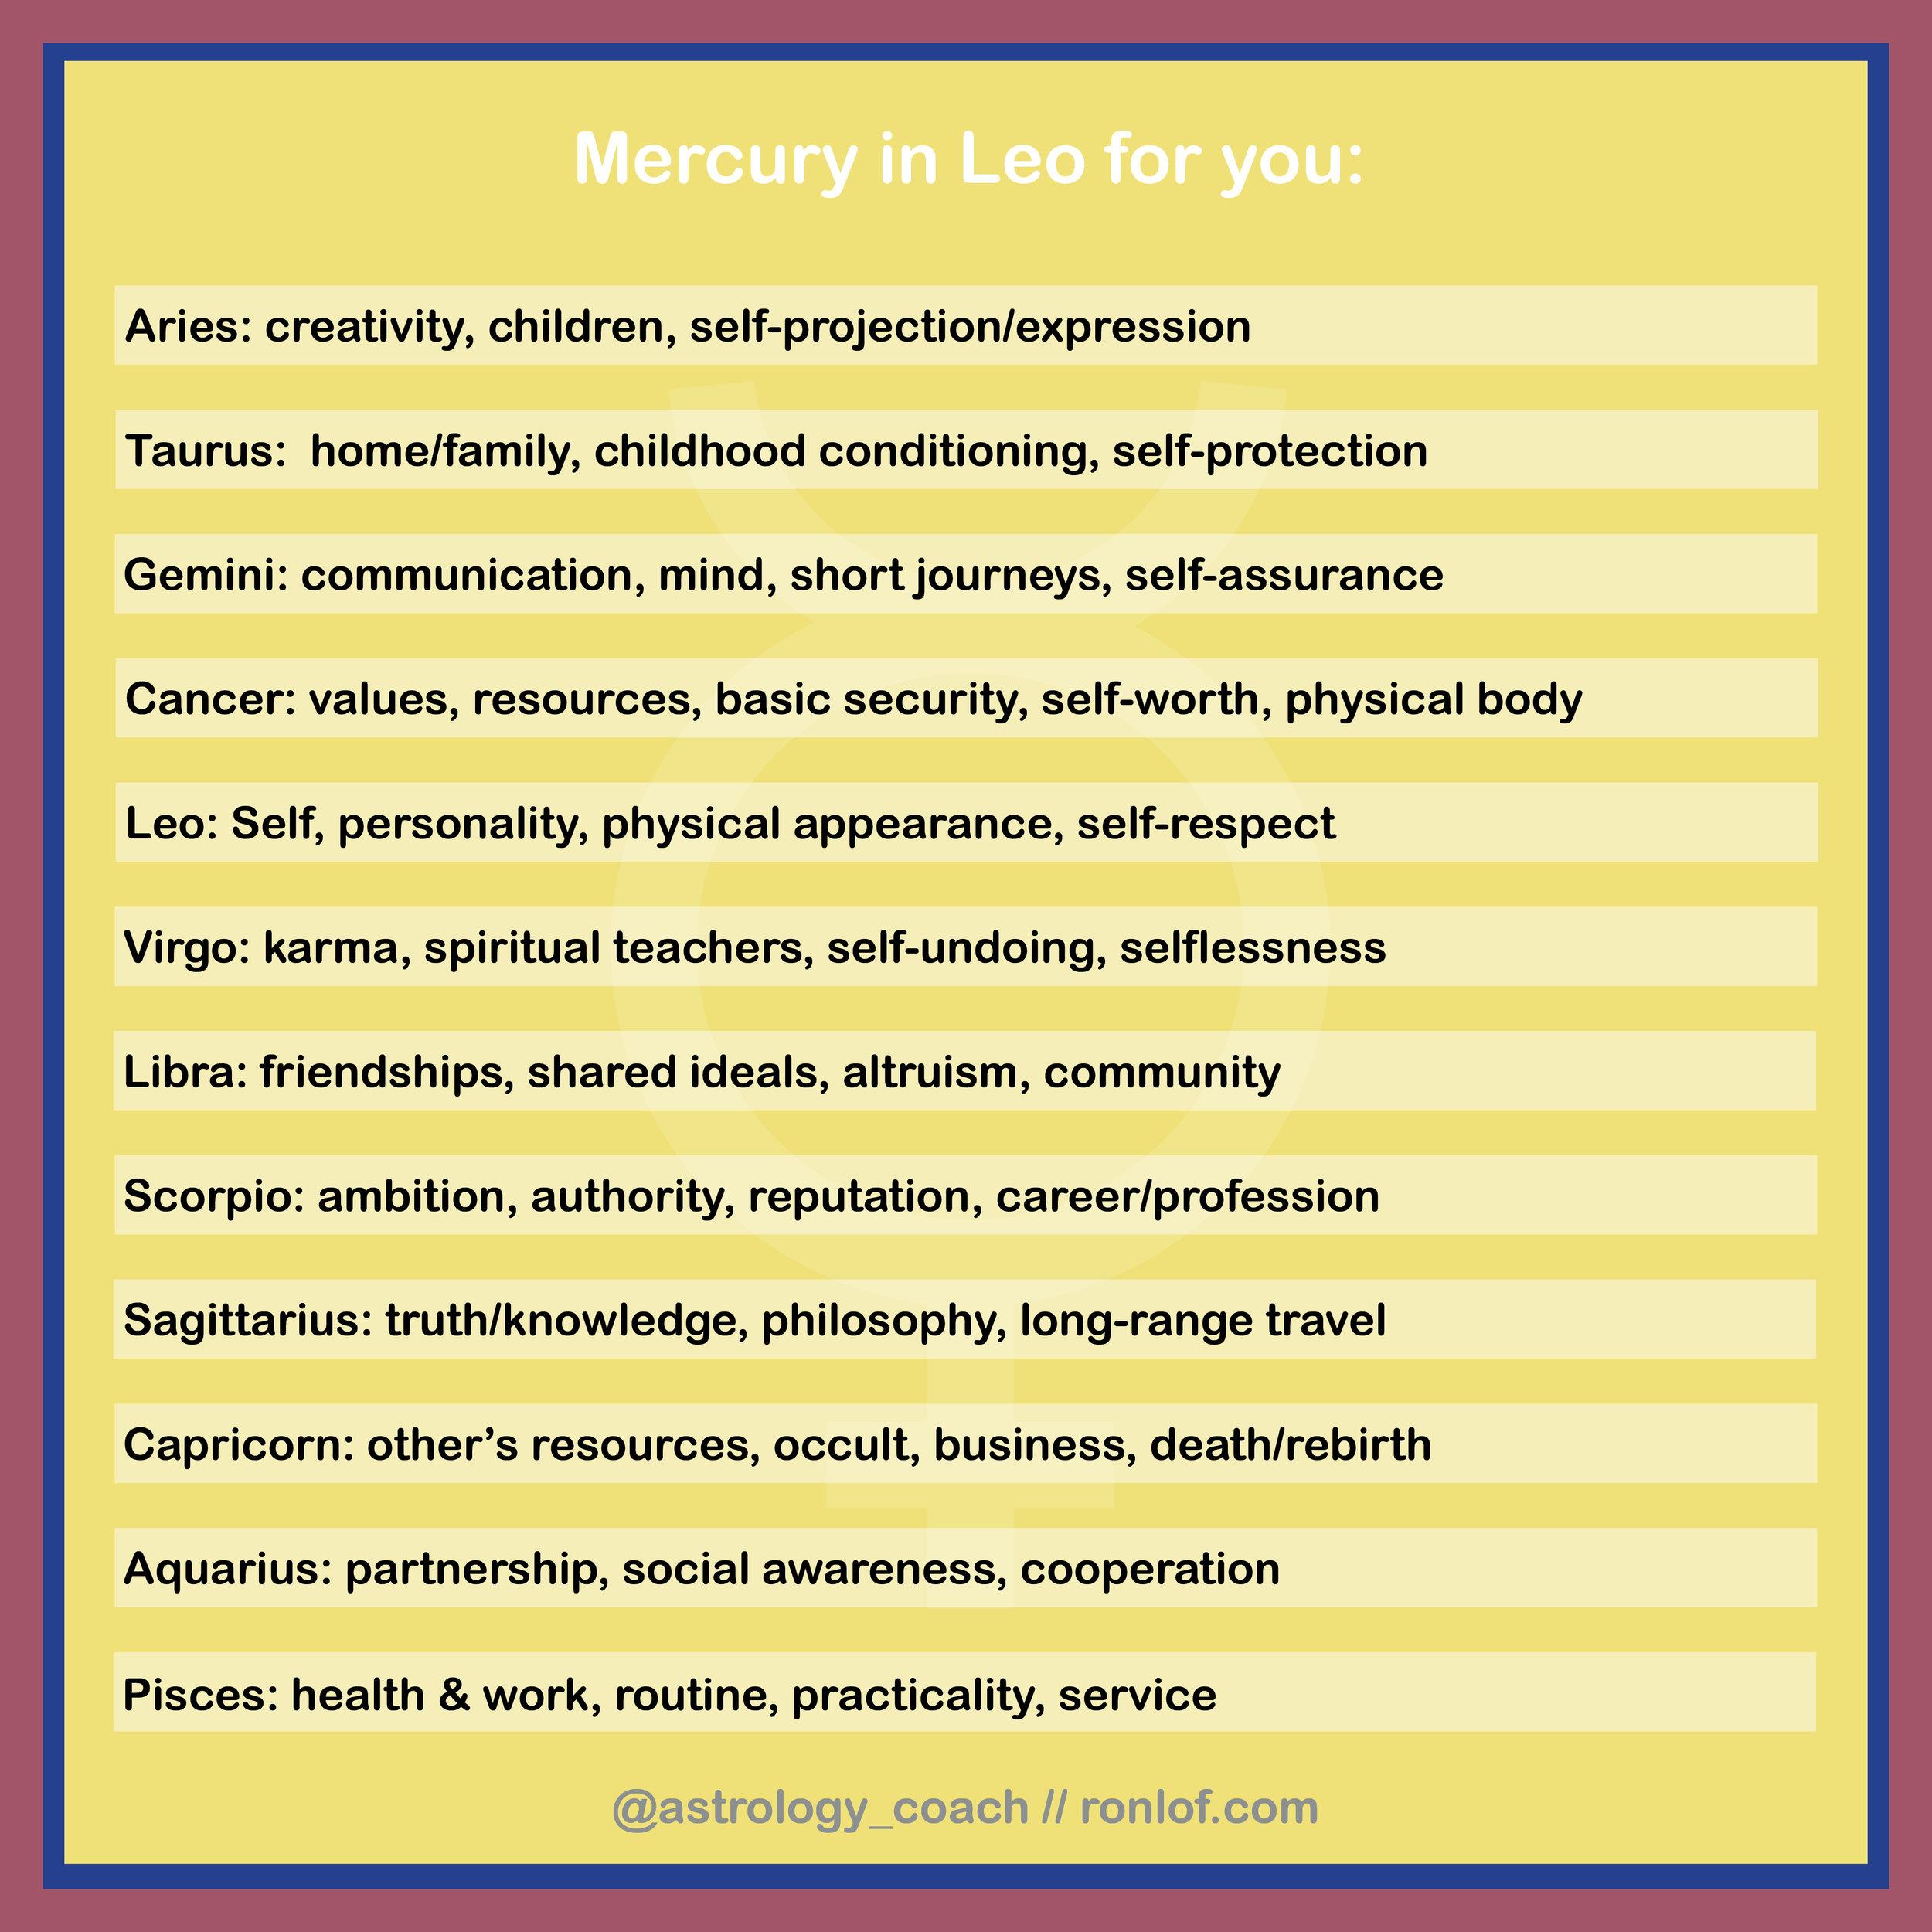 Mercury_Leo6.jpg